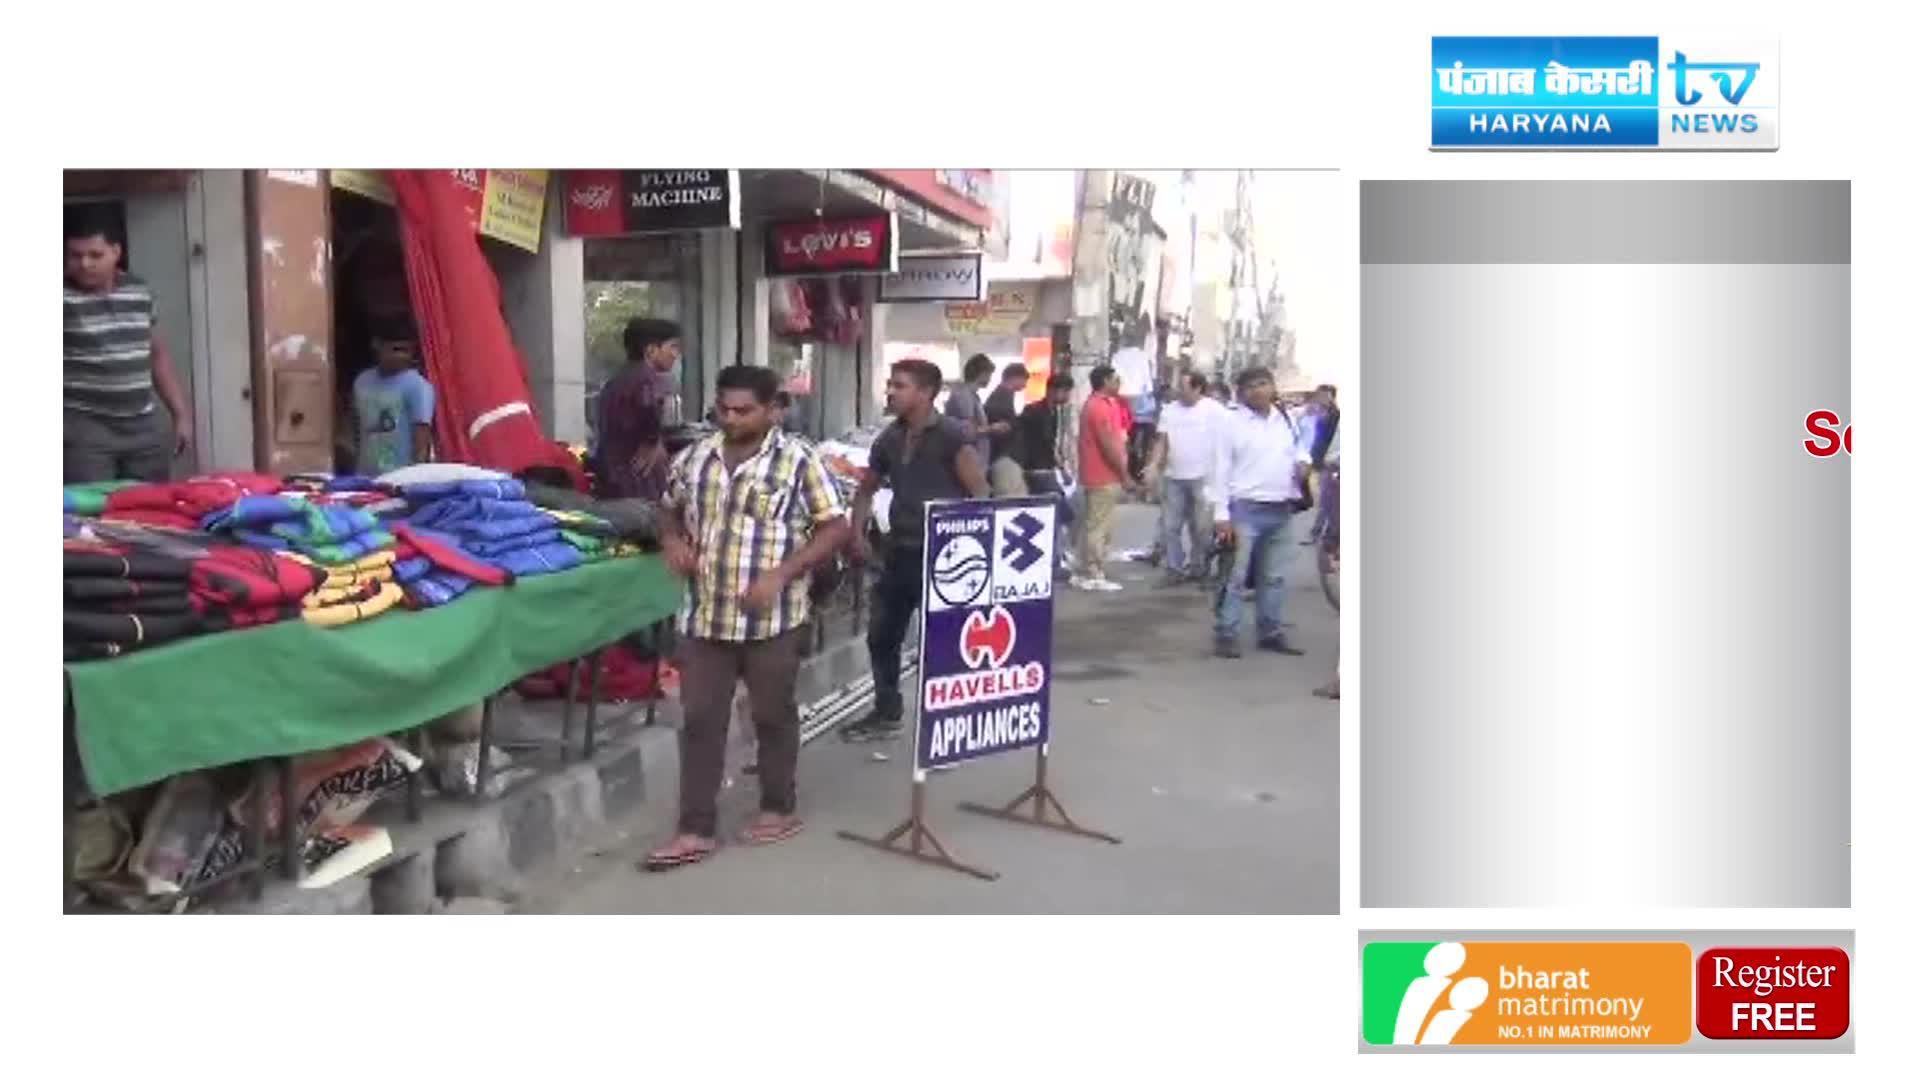 Image of दिवाली पर प्रशासन ने हटाया अतिक्रमण, दुकानदारों ने लगाया जाम